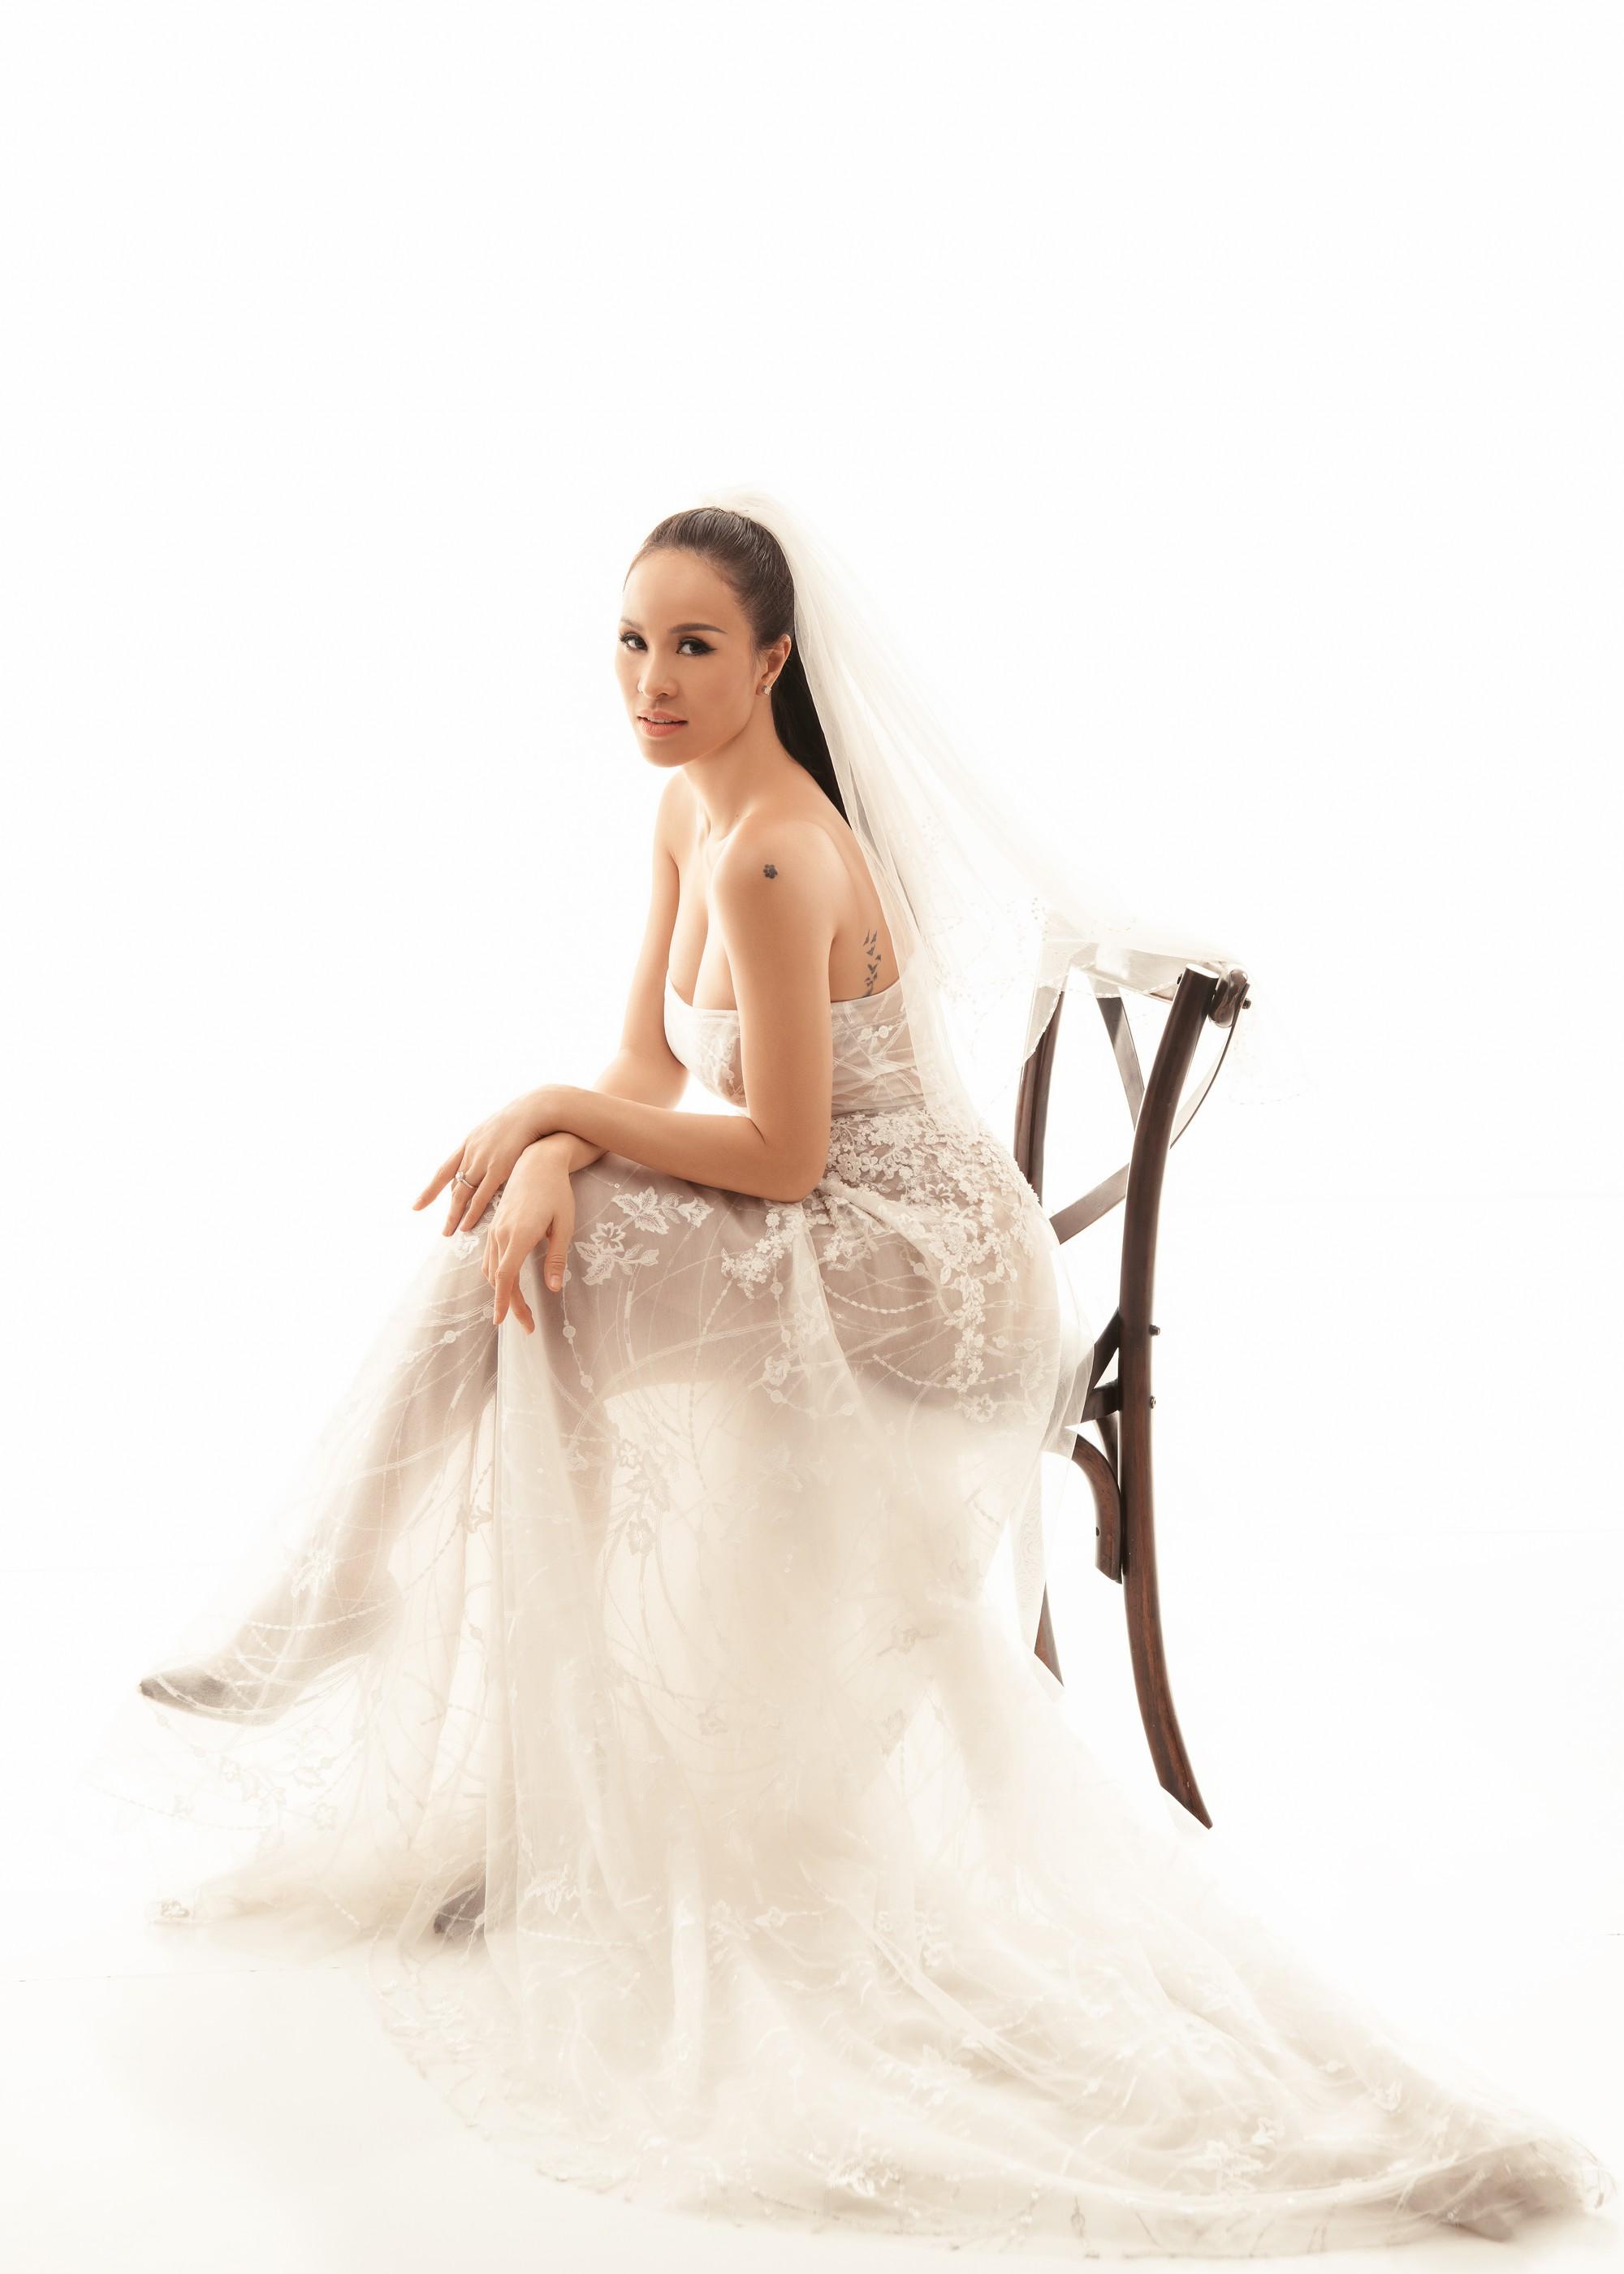 Trọn bộ ảnh cưới ngọt ngào đến tan chảy của Phương Mai và chồng Tây đẹp trai như tài tử - Ảnh 14.